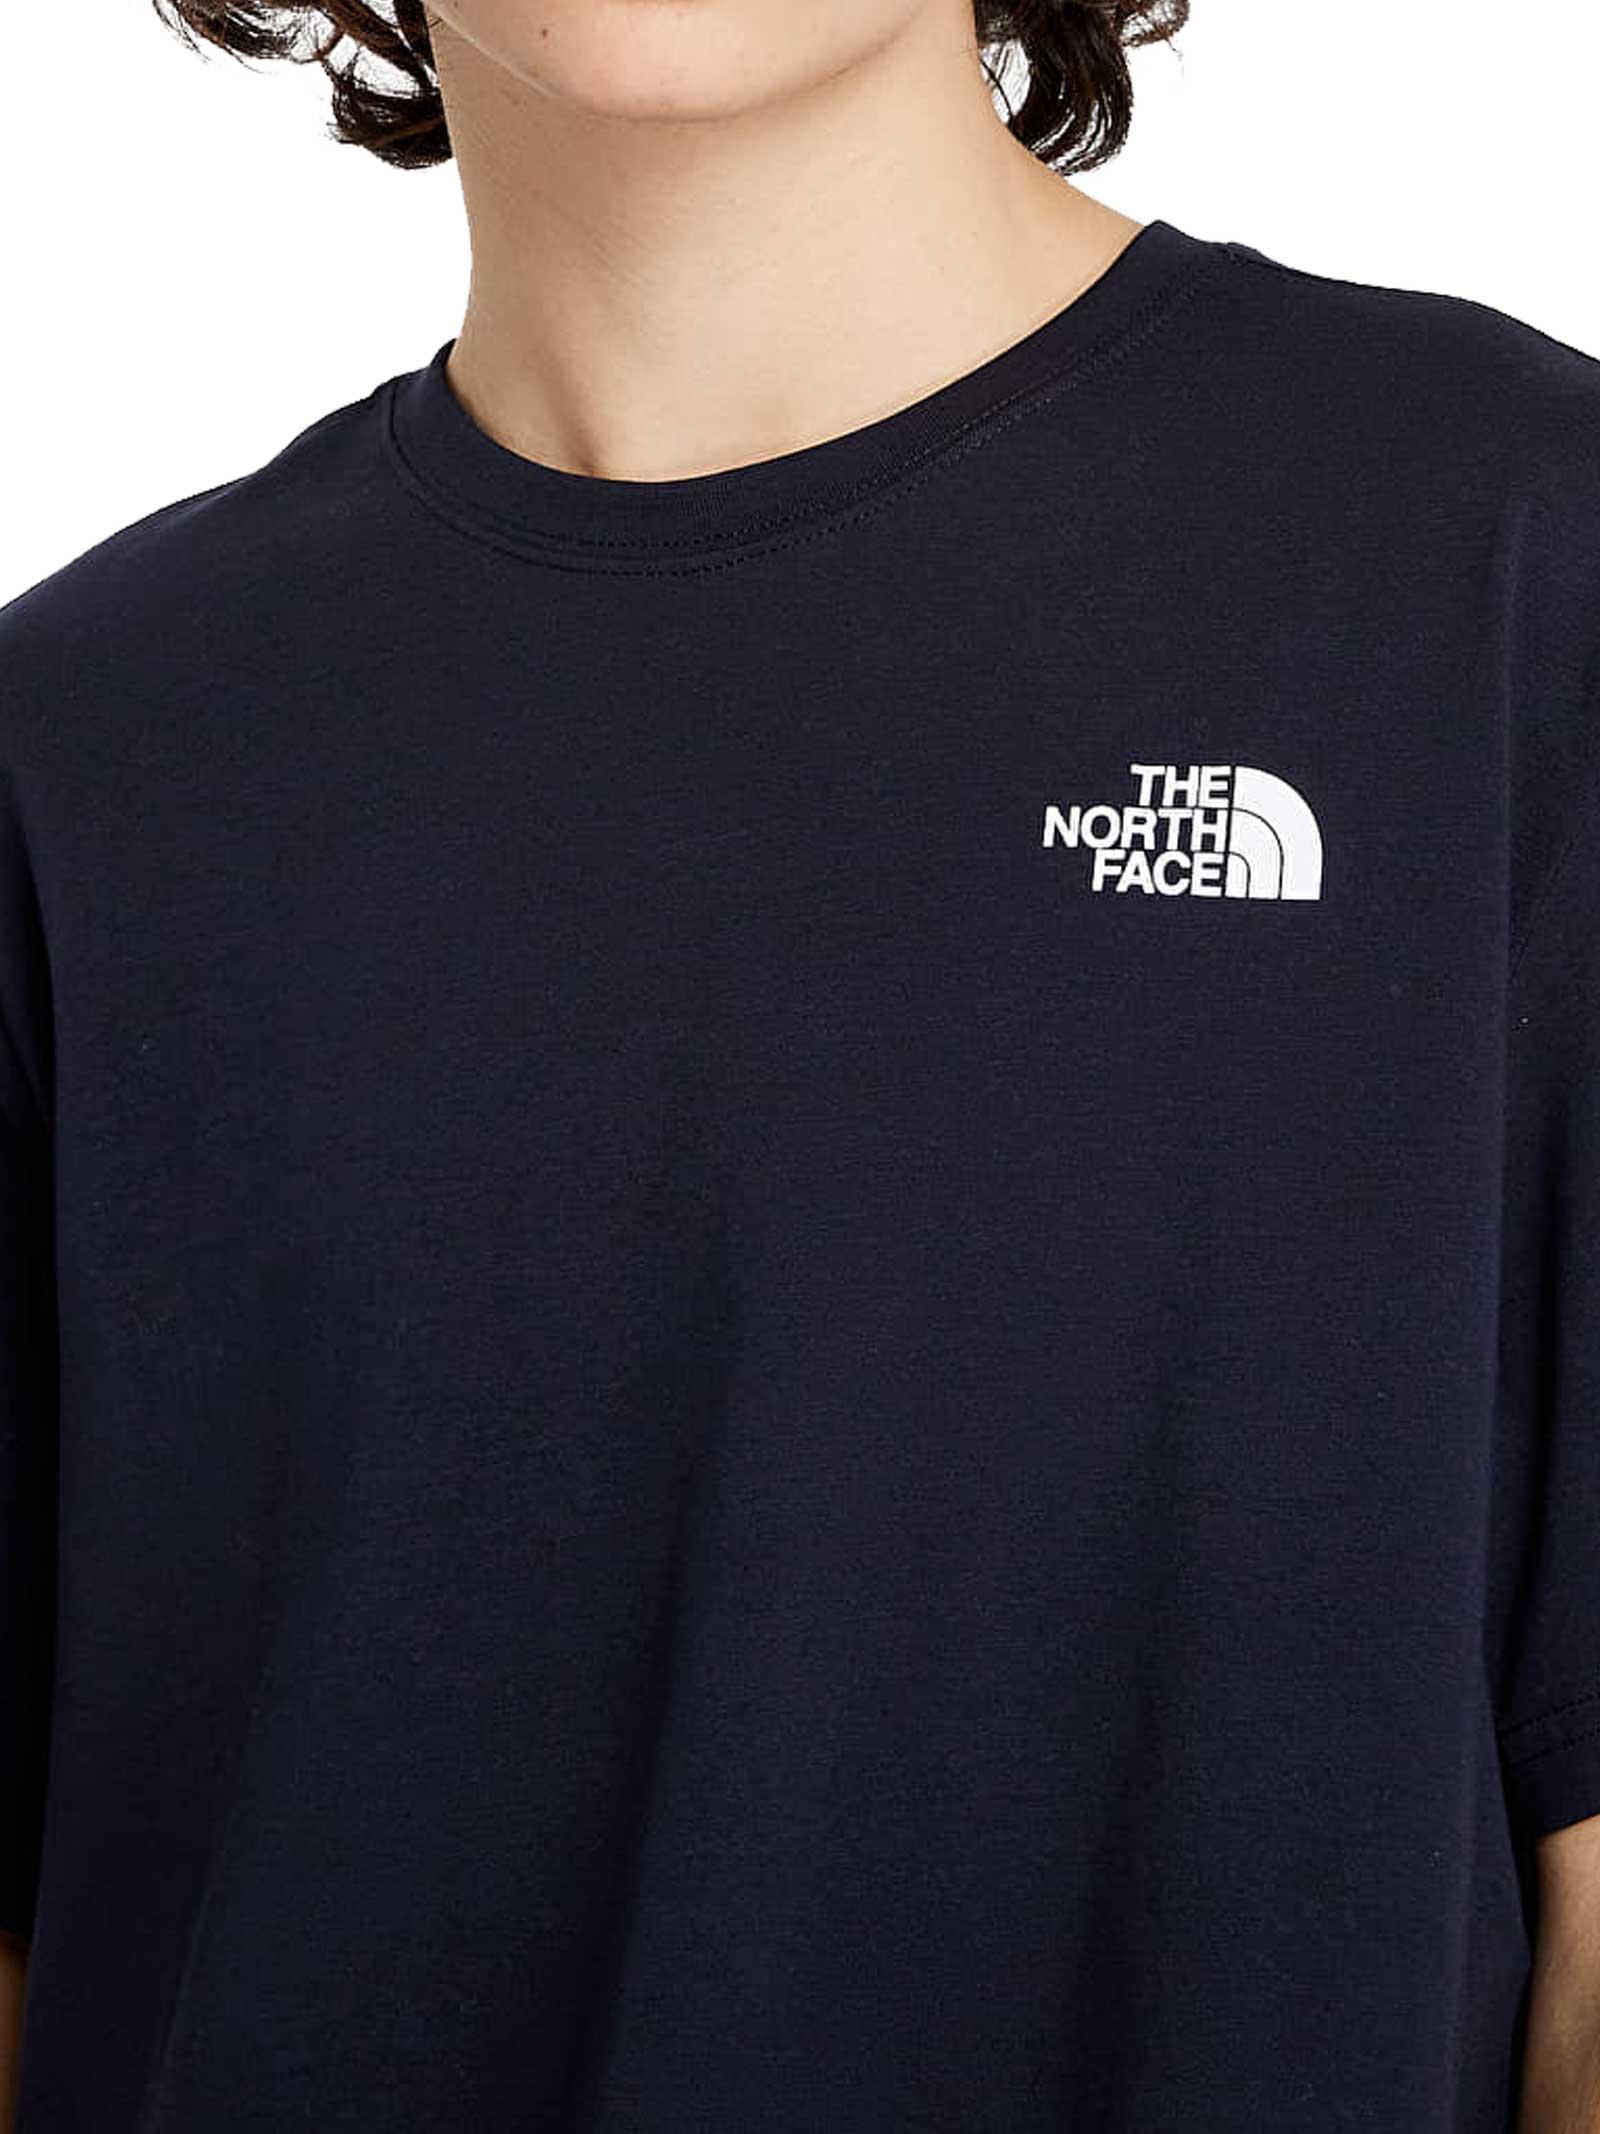 T-SHIRT THE NORTH FACE THE NORTH FACE | T-shirt | NF0A2TX20GZ1